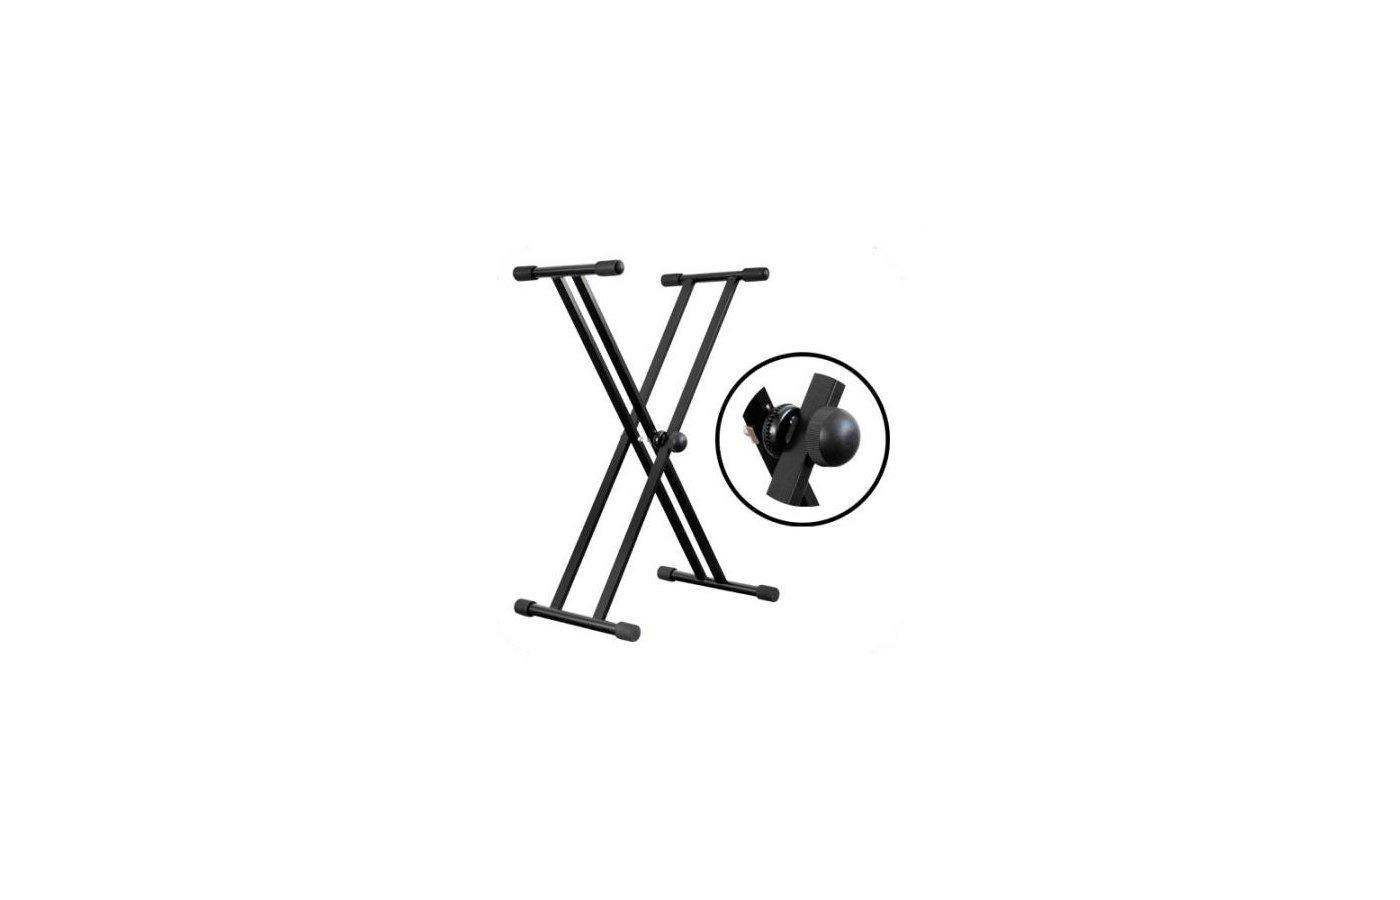 Музыкальный инструмент VISION AP-3222 (XХ-образная) стойка клавишная